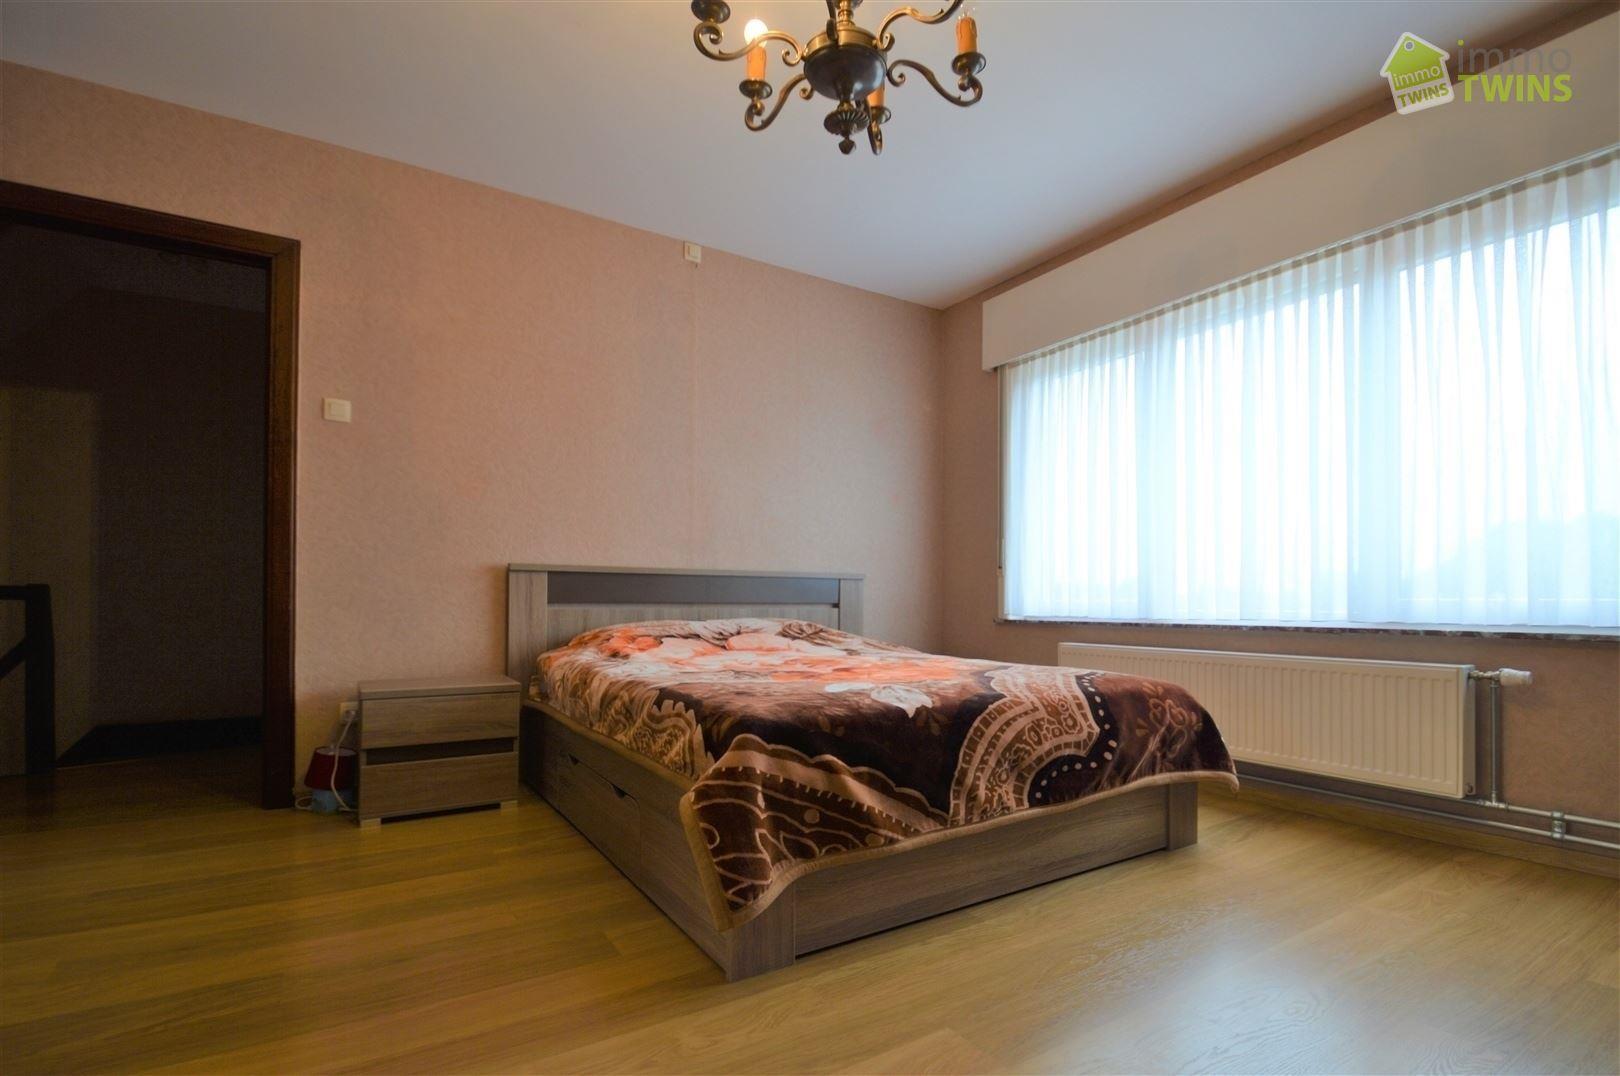 Foto 16 : Woning te 9200 Baasrode (België) - Prijs € 685